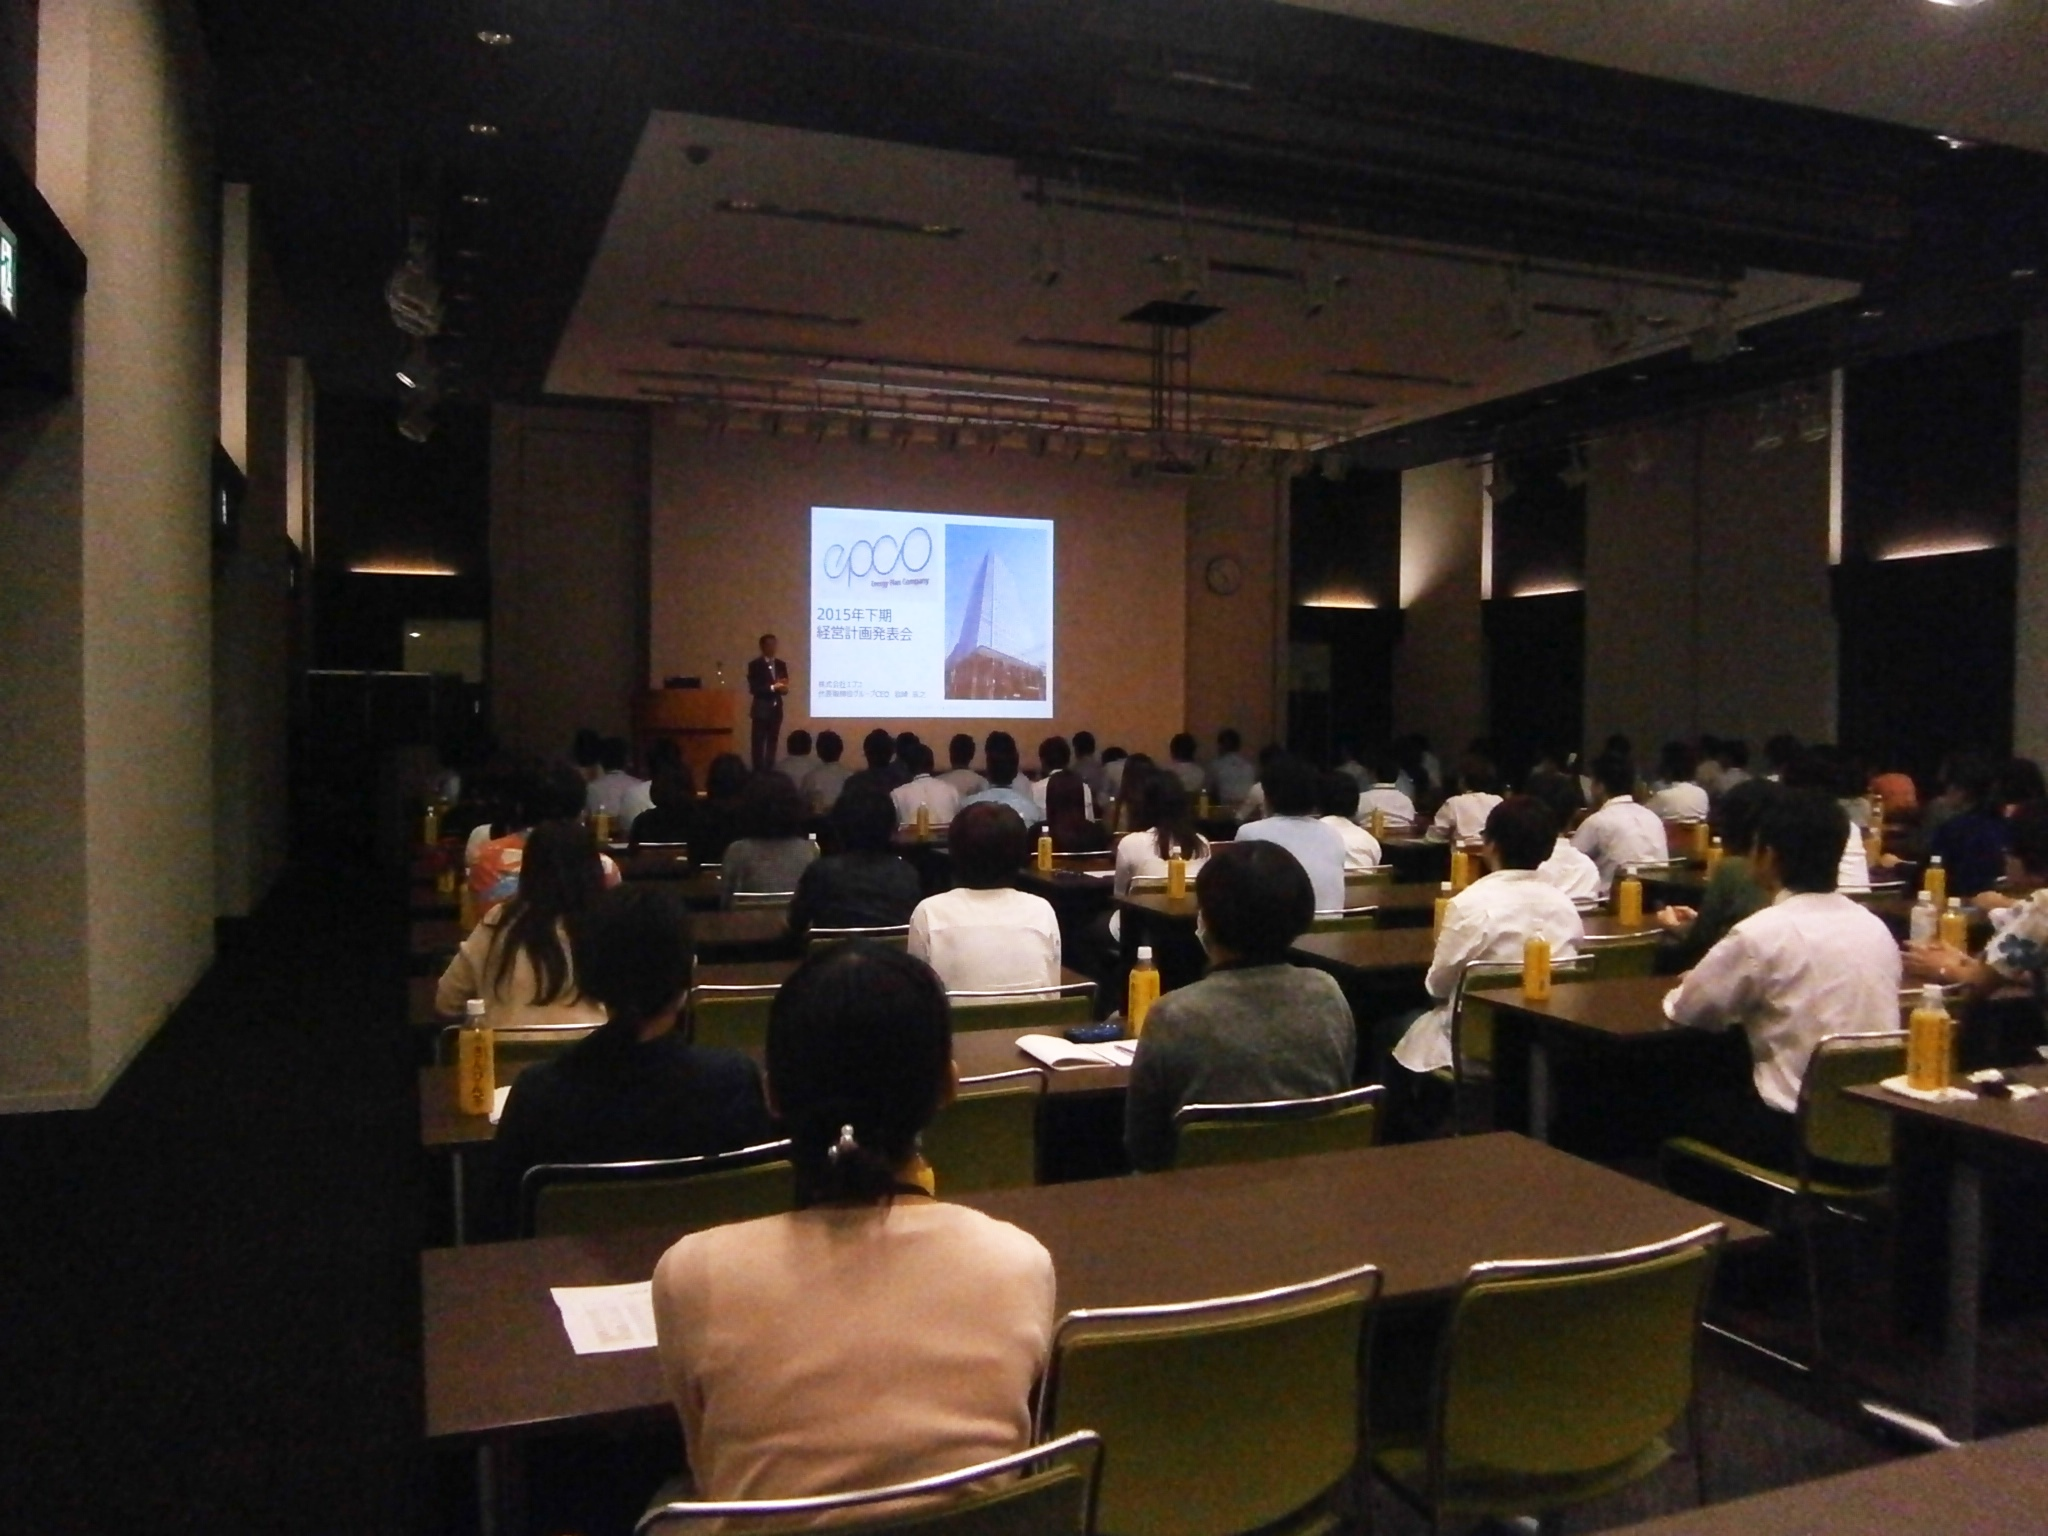 2015年下期経営計画発表会@沖縄